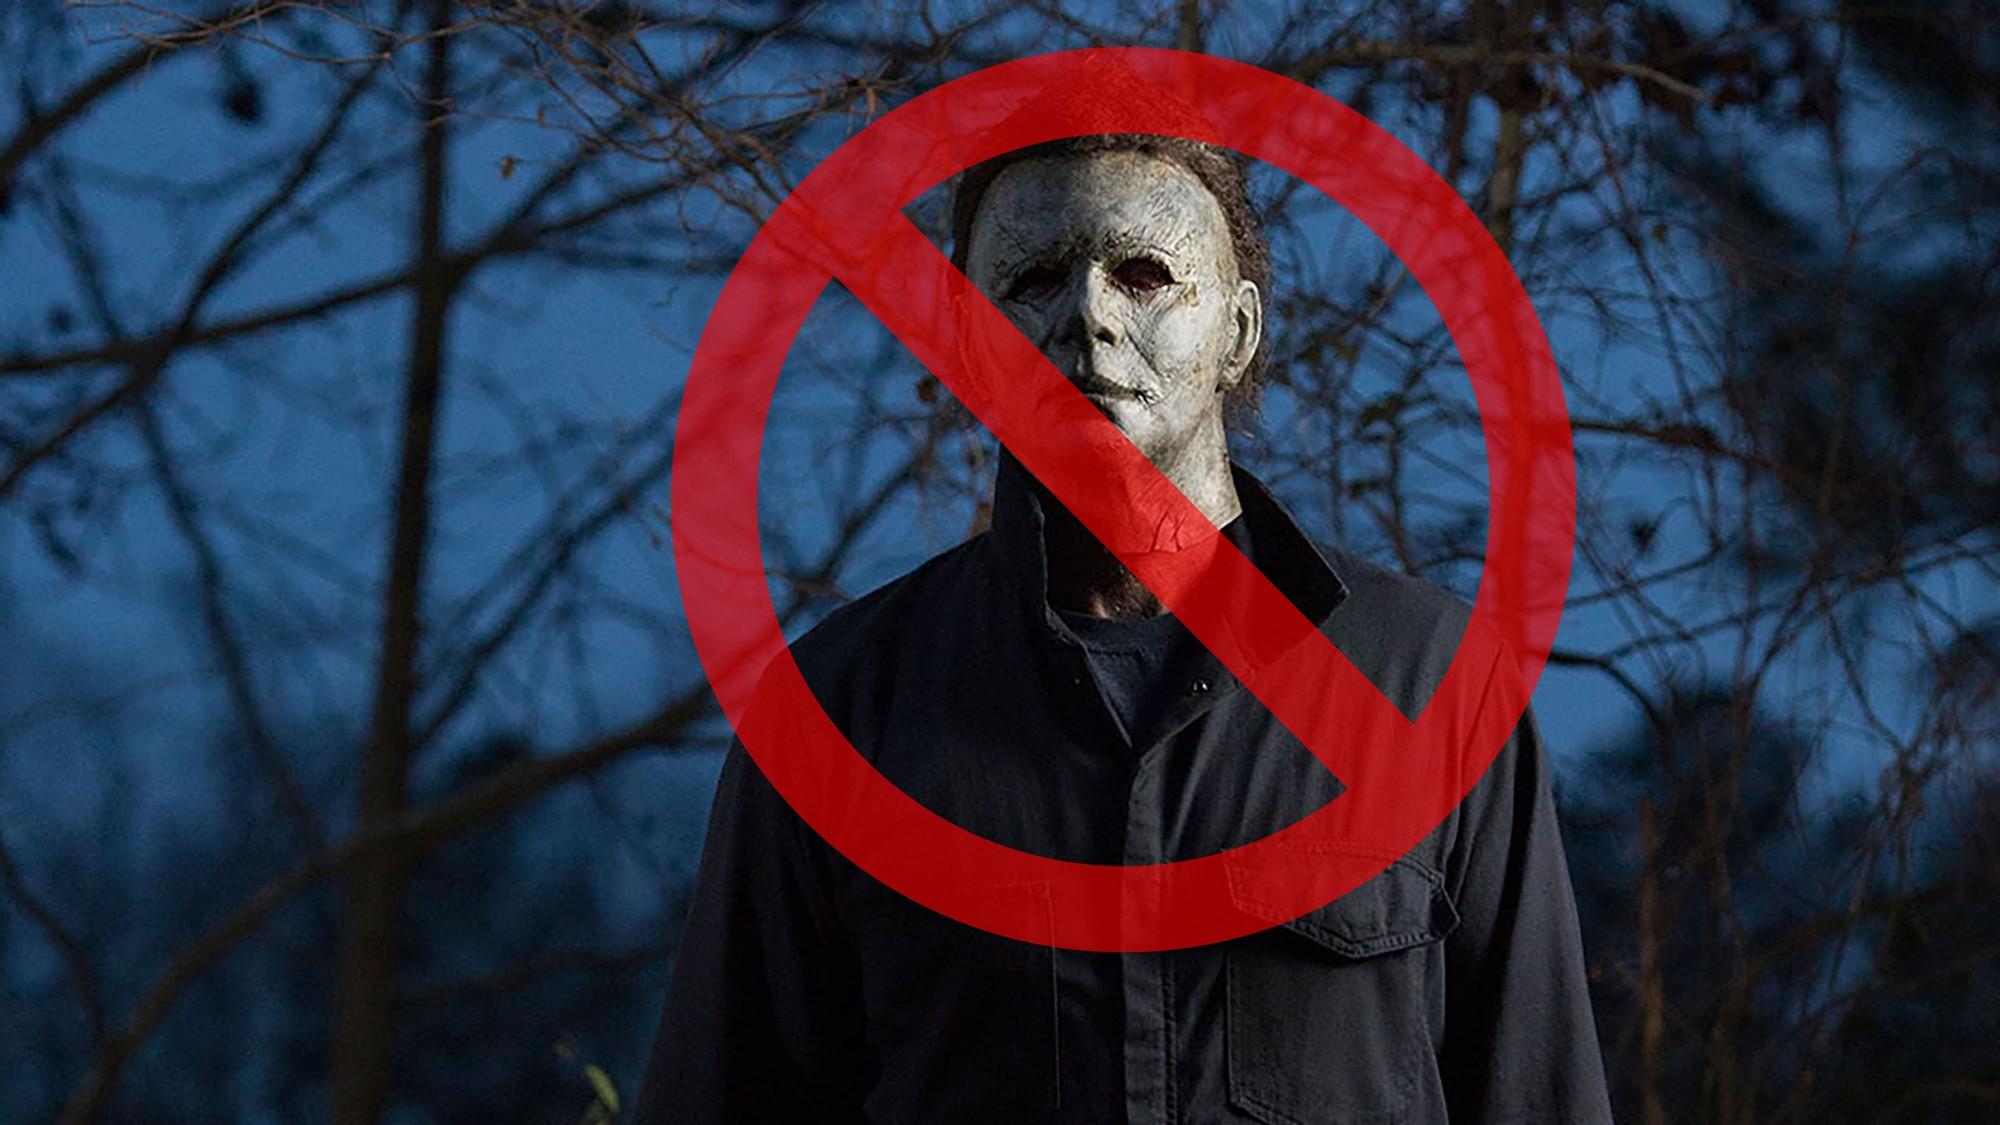 Phim kinh dị Halloween không lọt cửa kiểm duyệt, lỡ hẹn khán giả Việt tháng